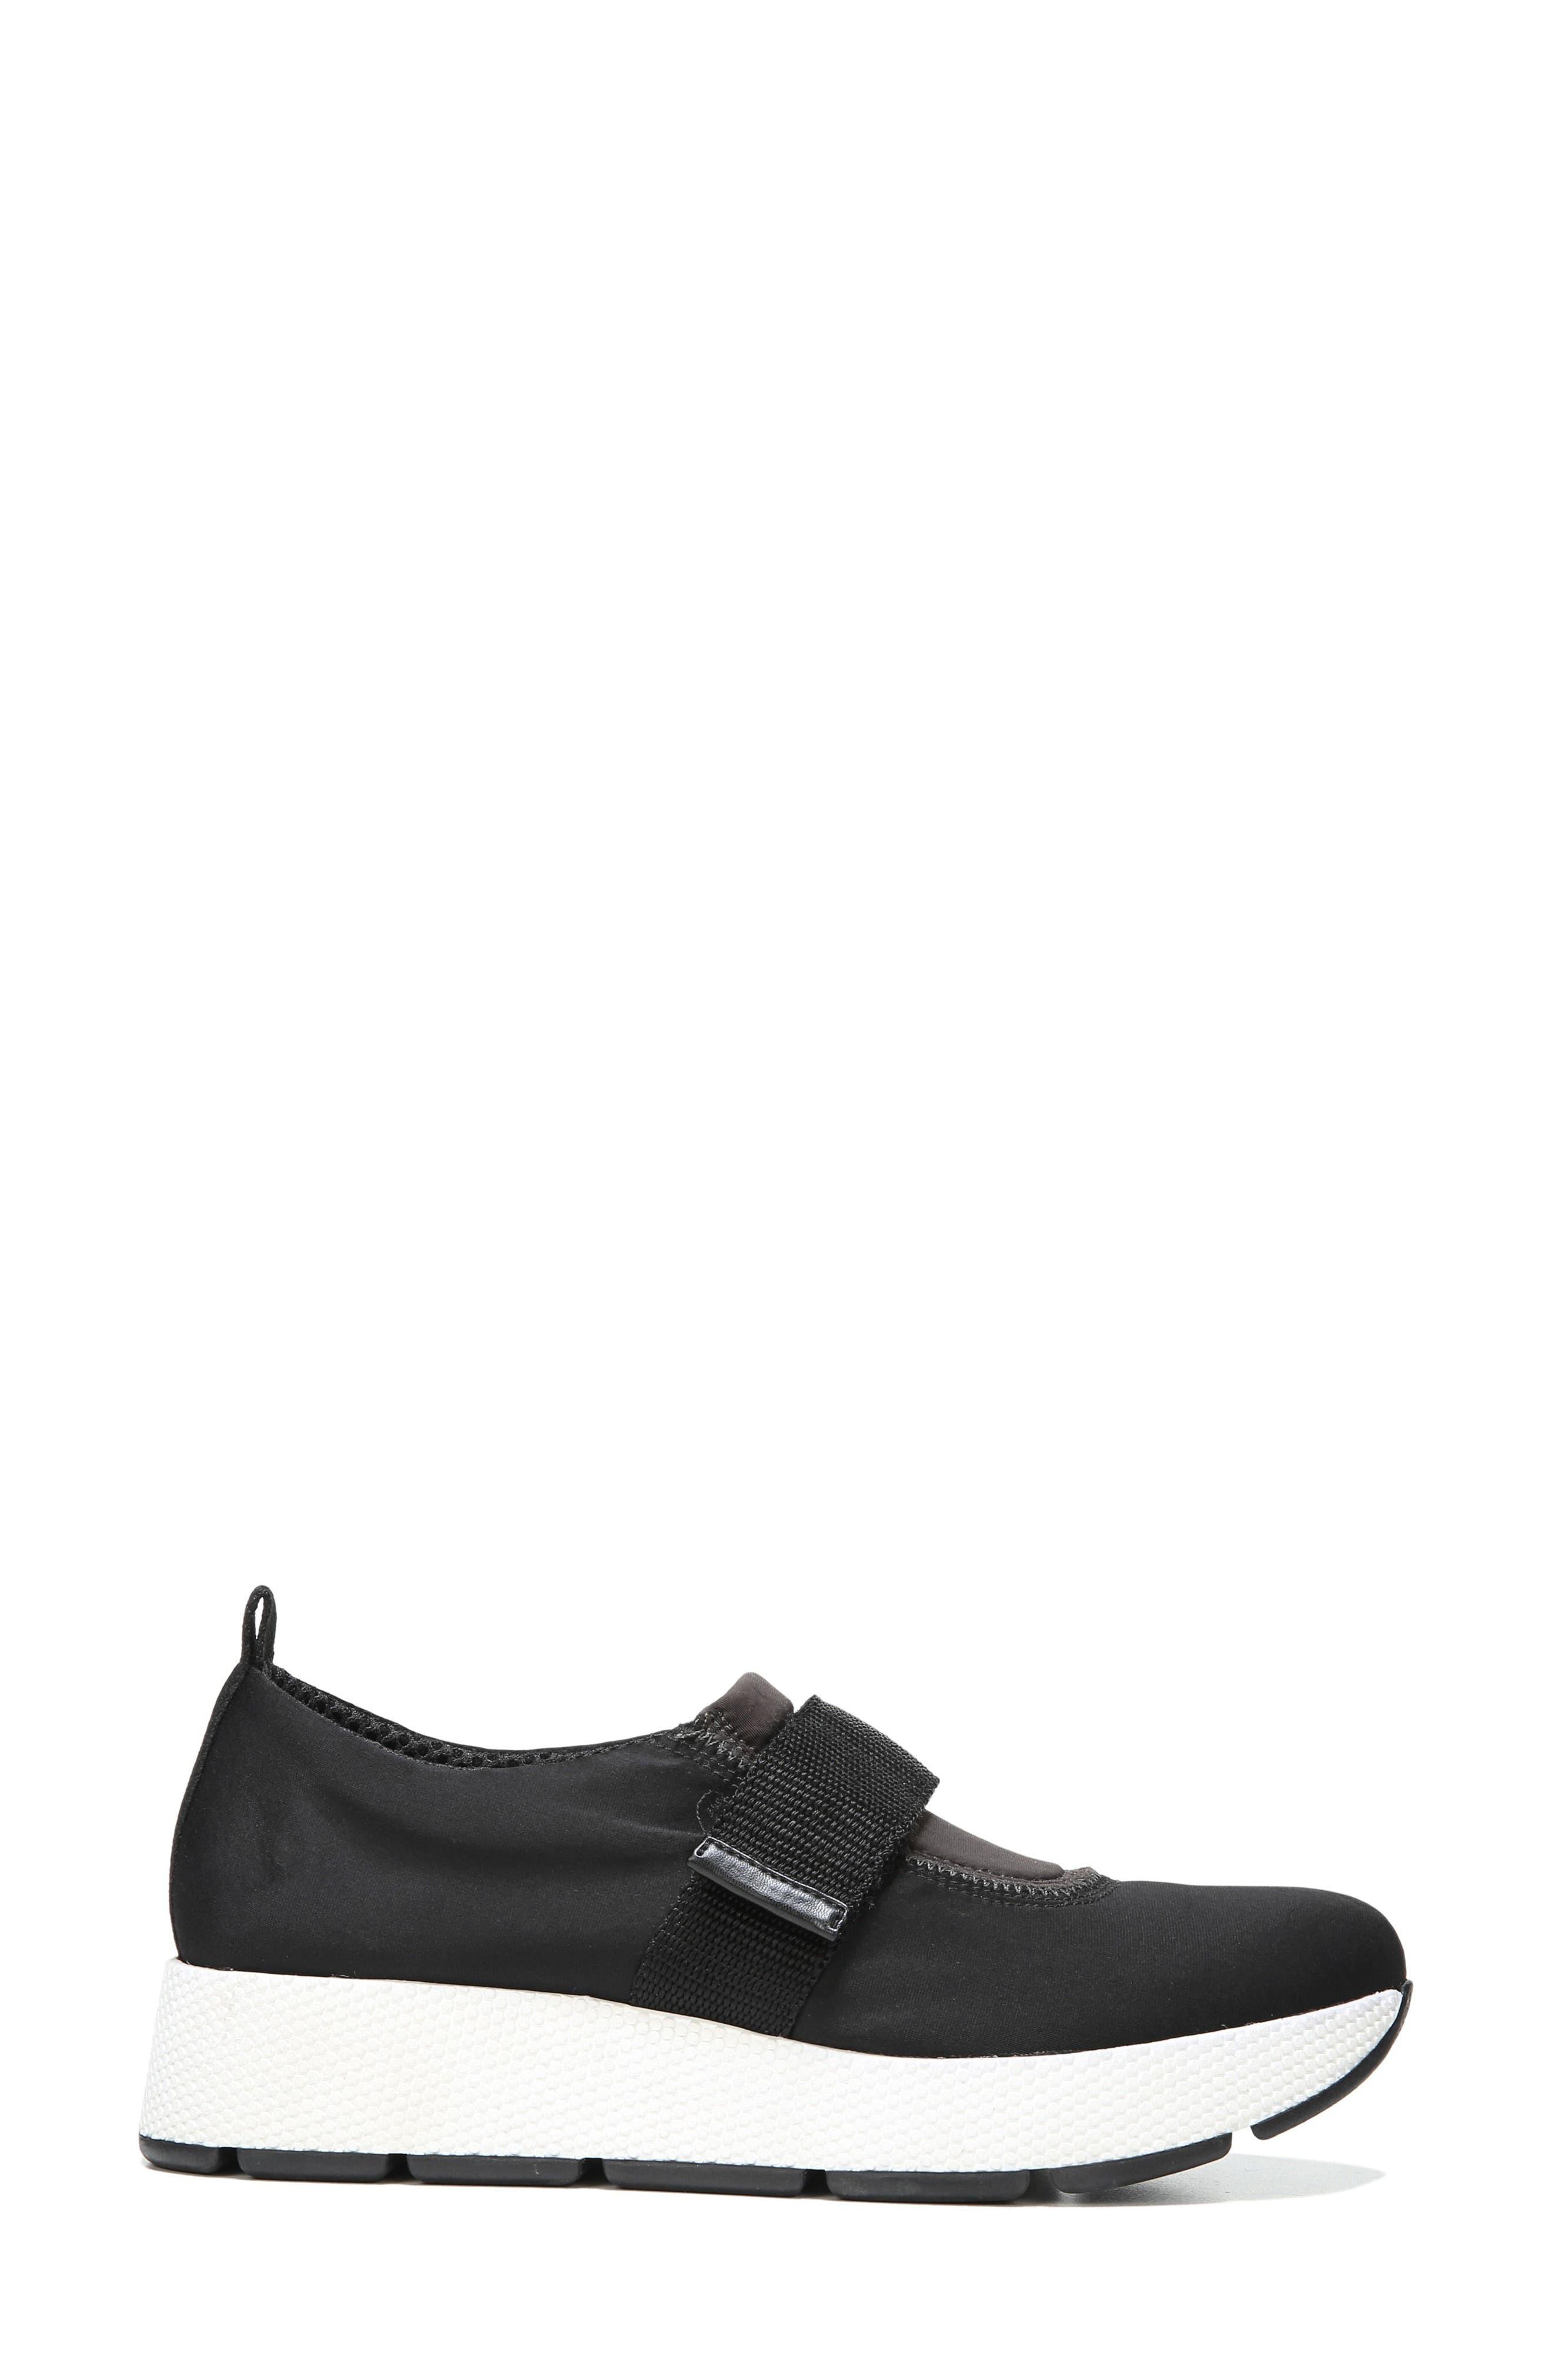 Odella Slip-On Sneaker,                             Alternate thumbnail 10, color,